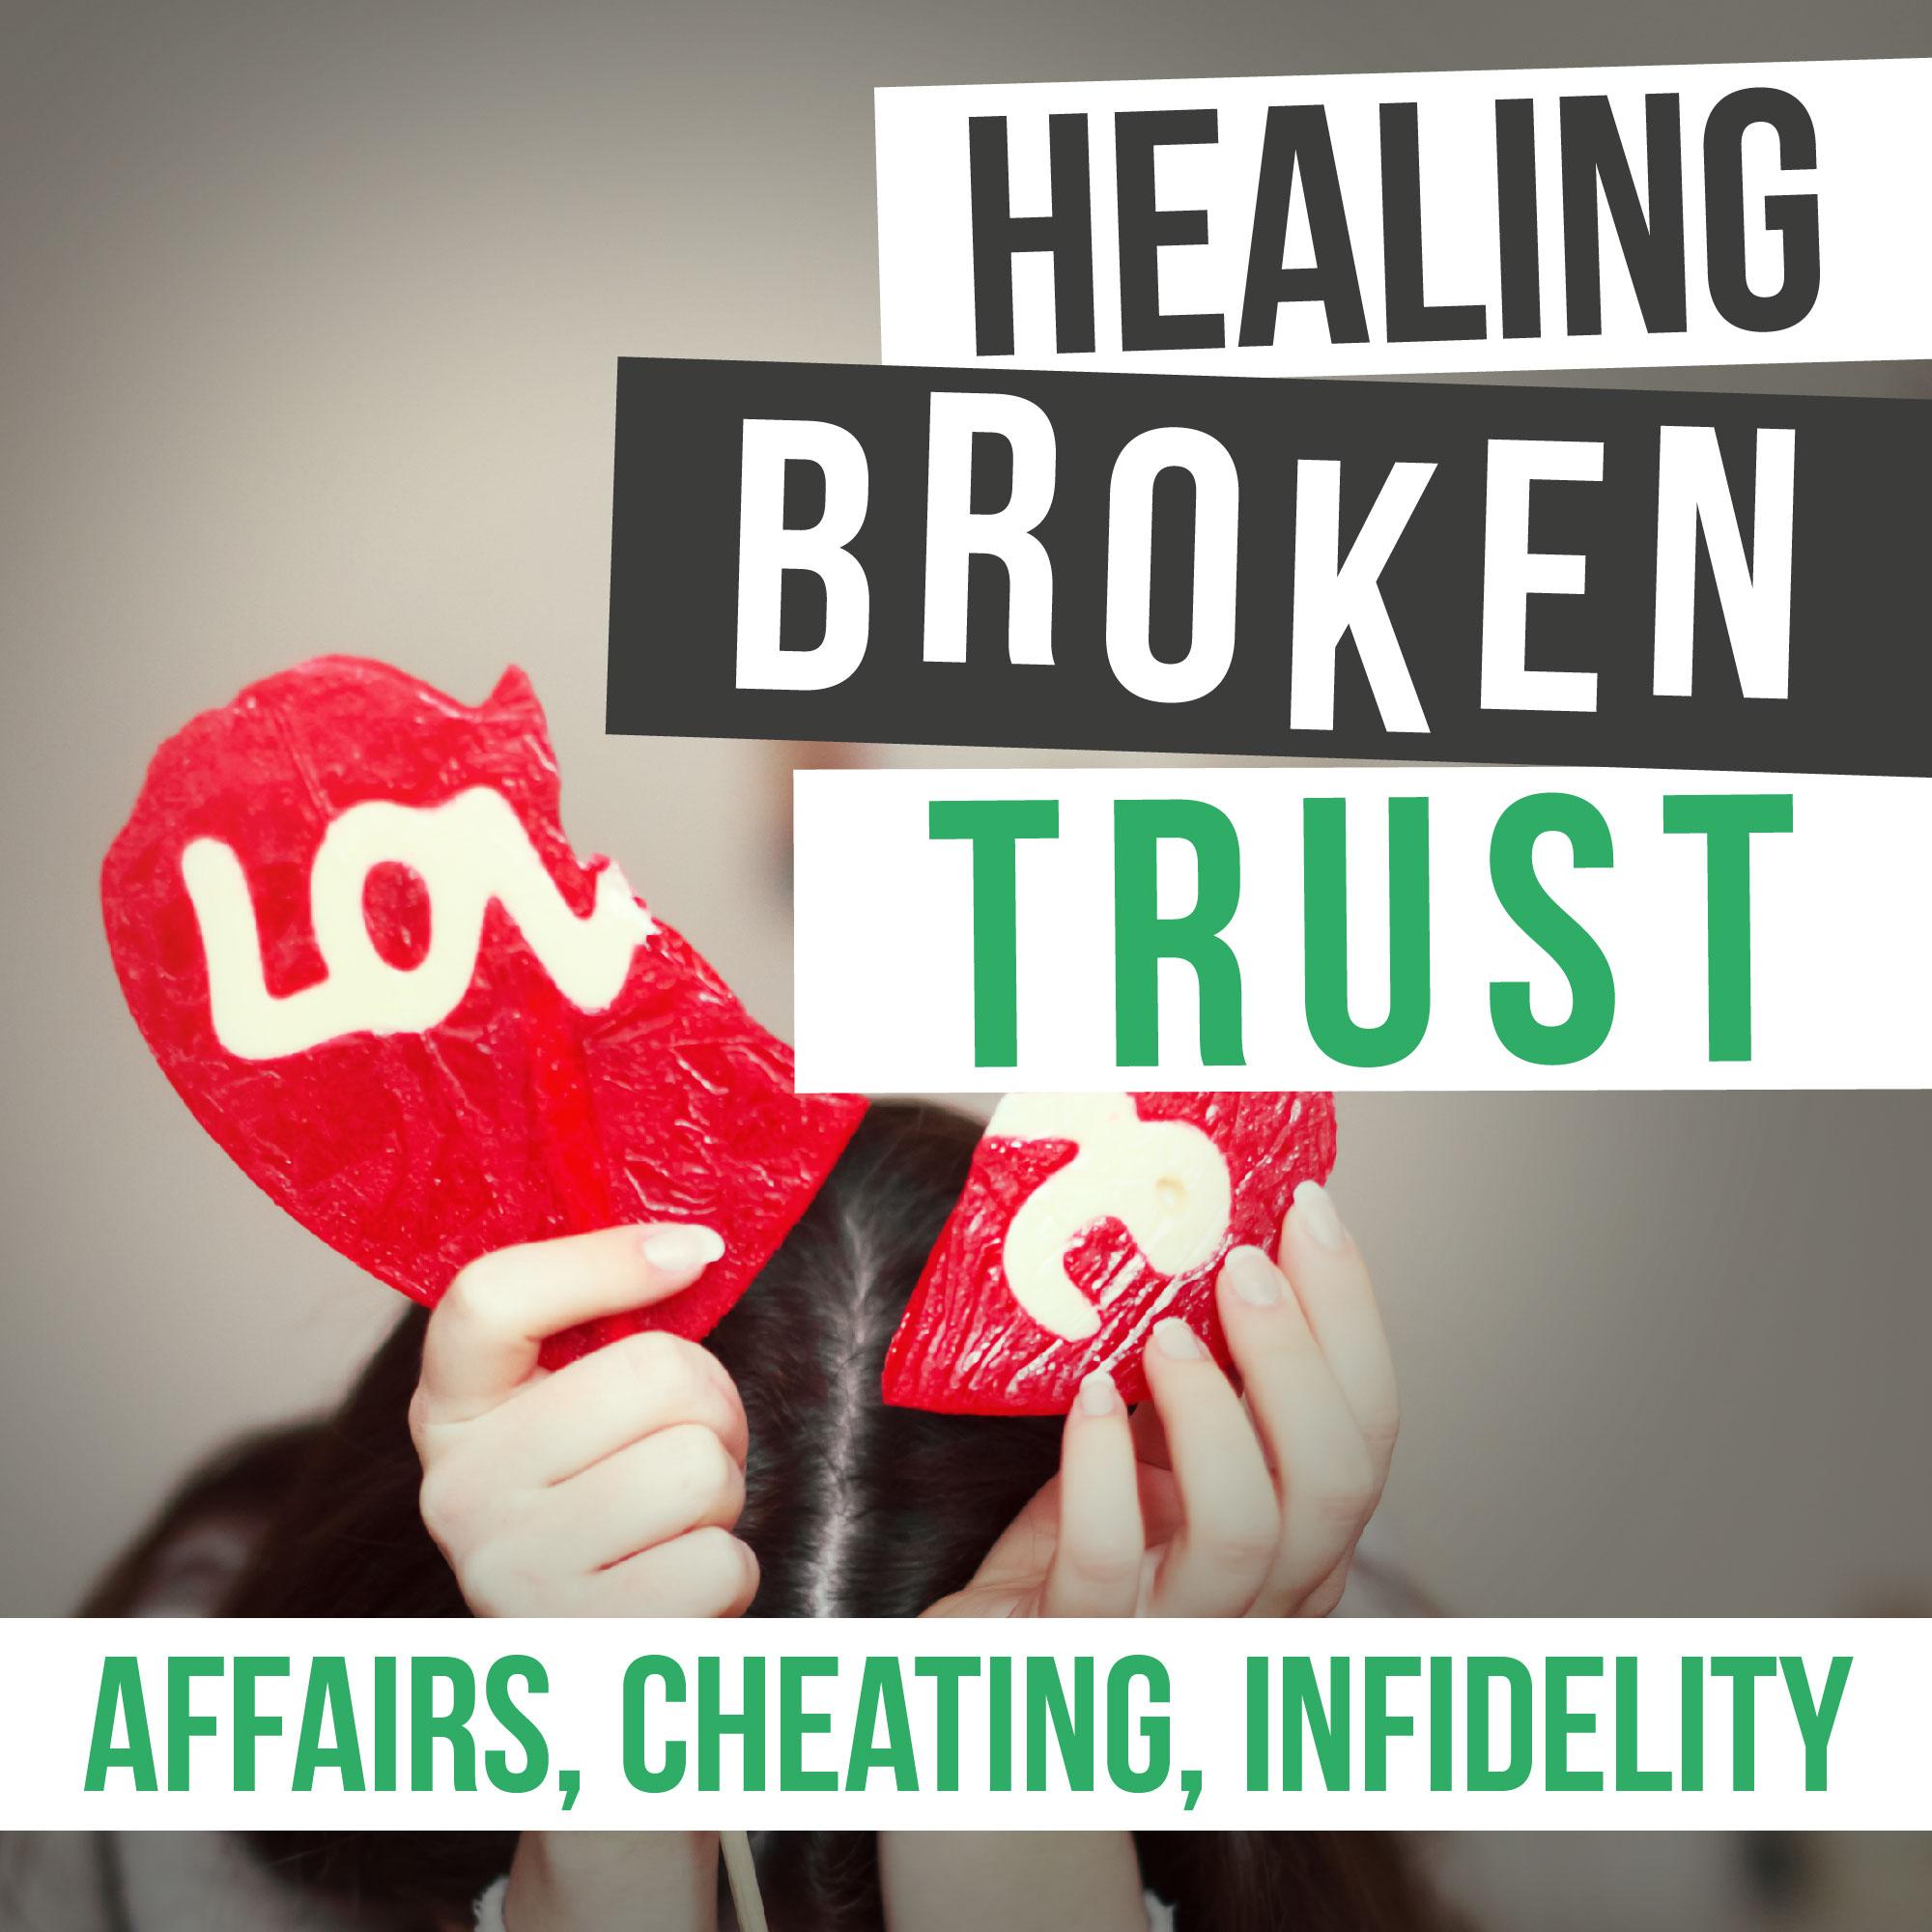 healing-broken-trust